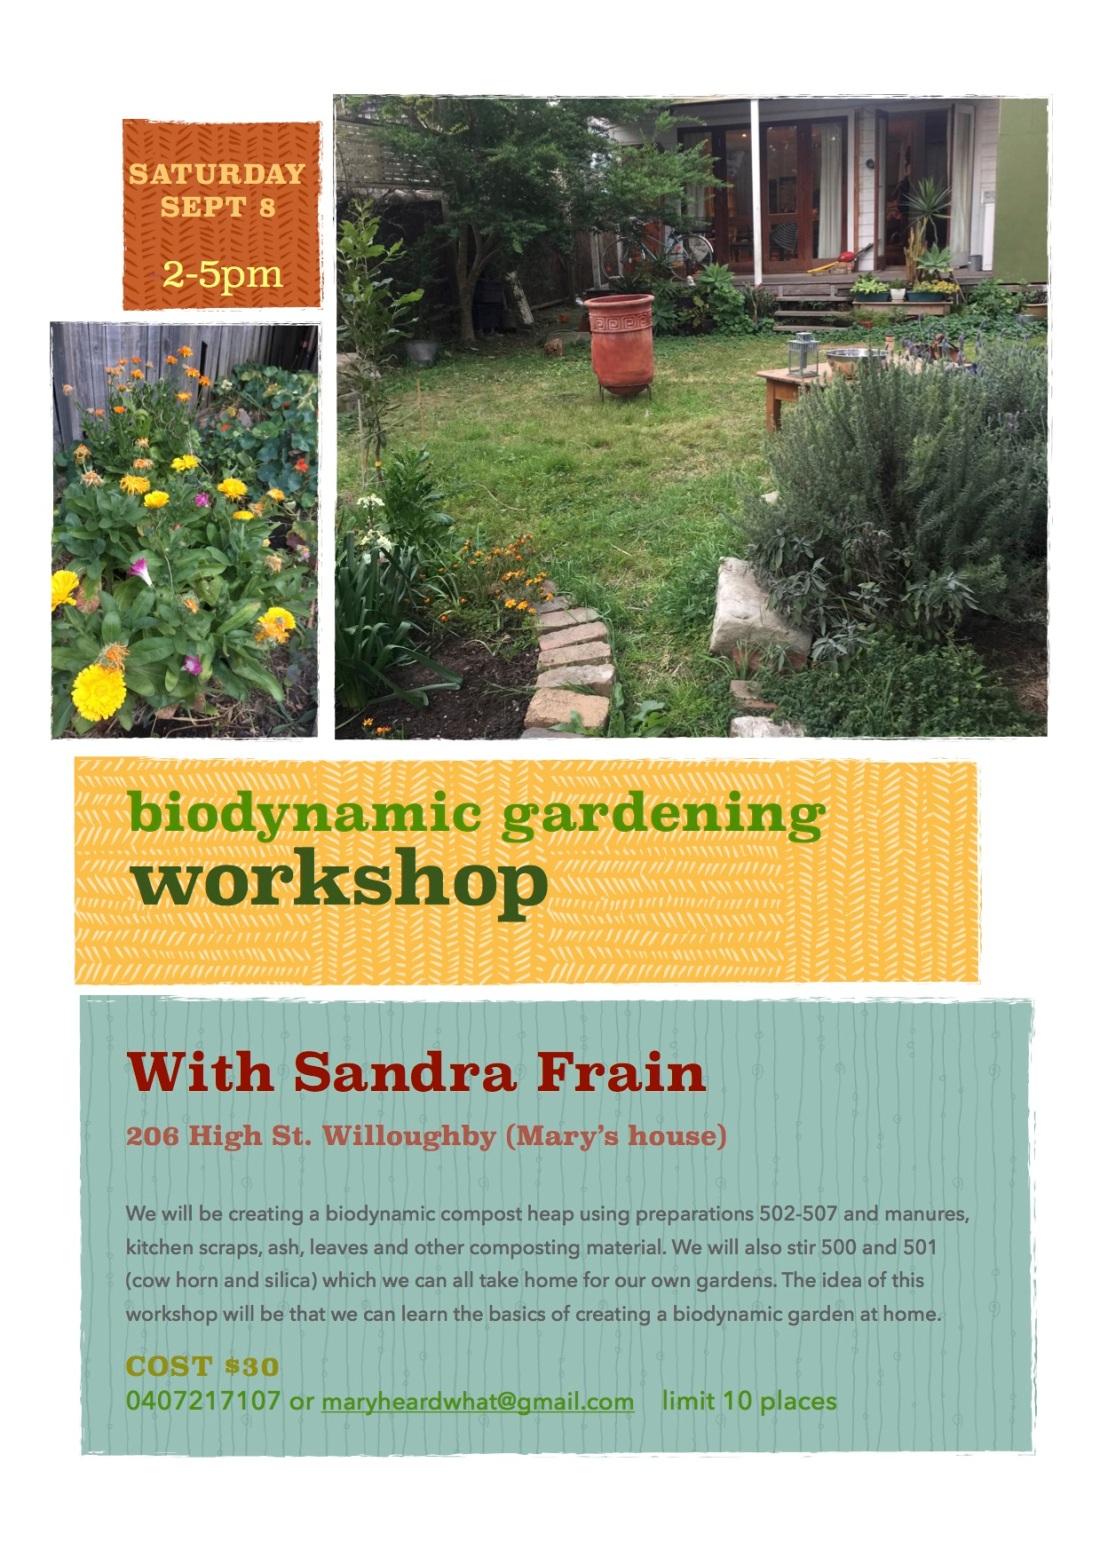 BD gardening